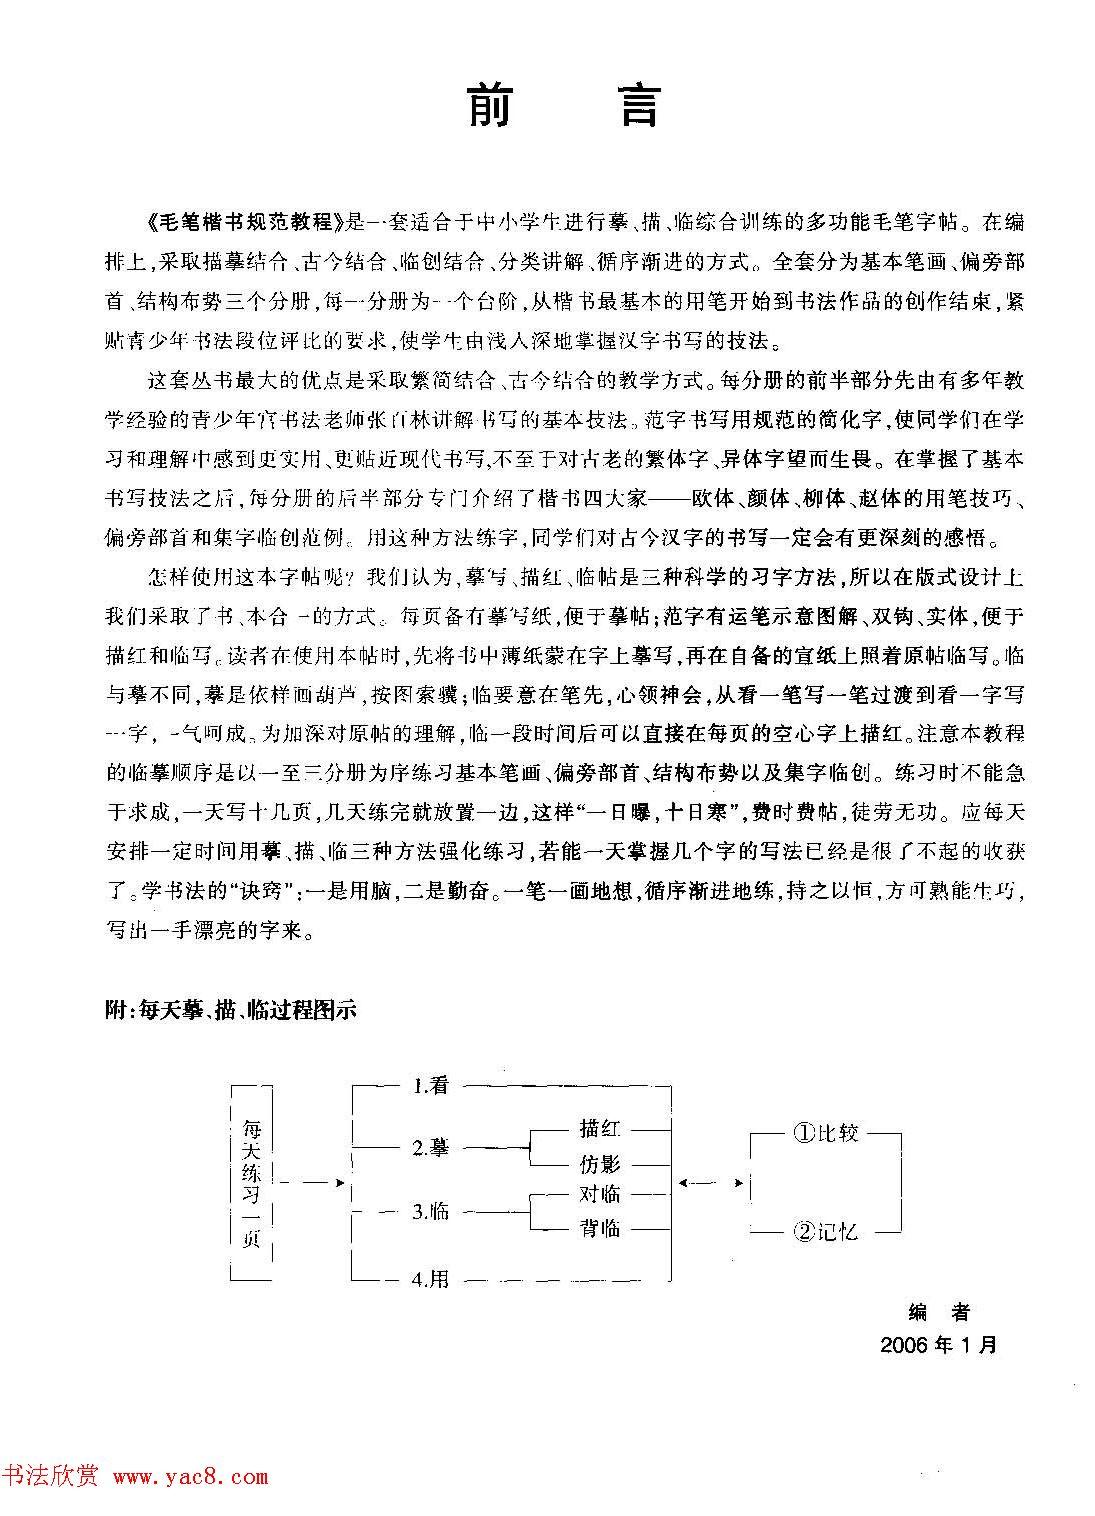 海南版精品字帖《毛笔楷书实用教程-楷书笔画》